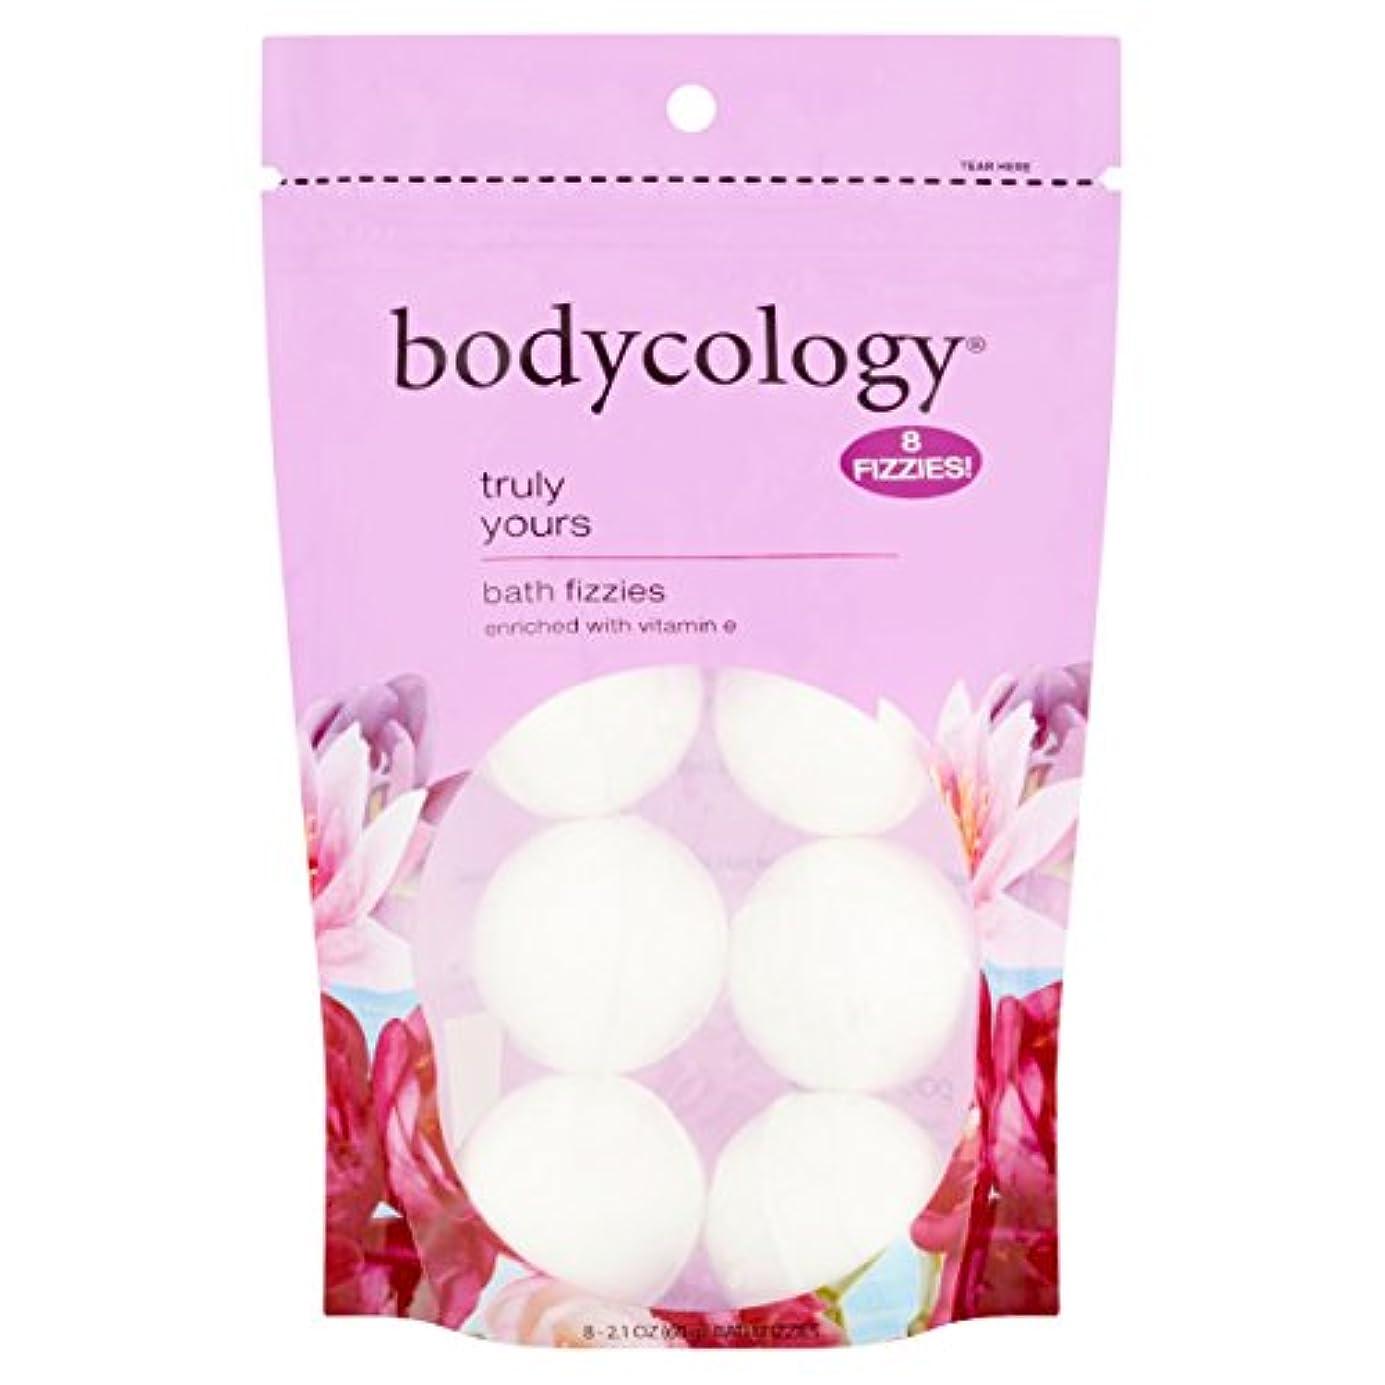 先祖ベイビー現実Bodycology 敬具バースFizzies爆弾8から2.1オズボールを浸し